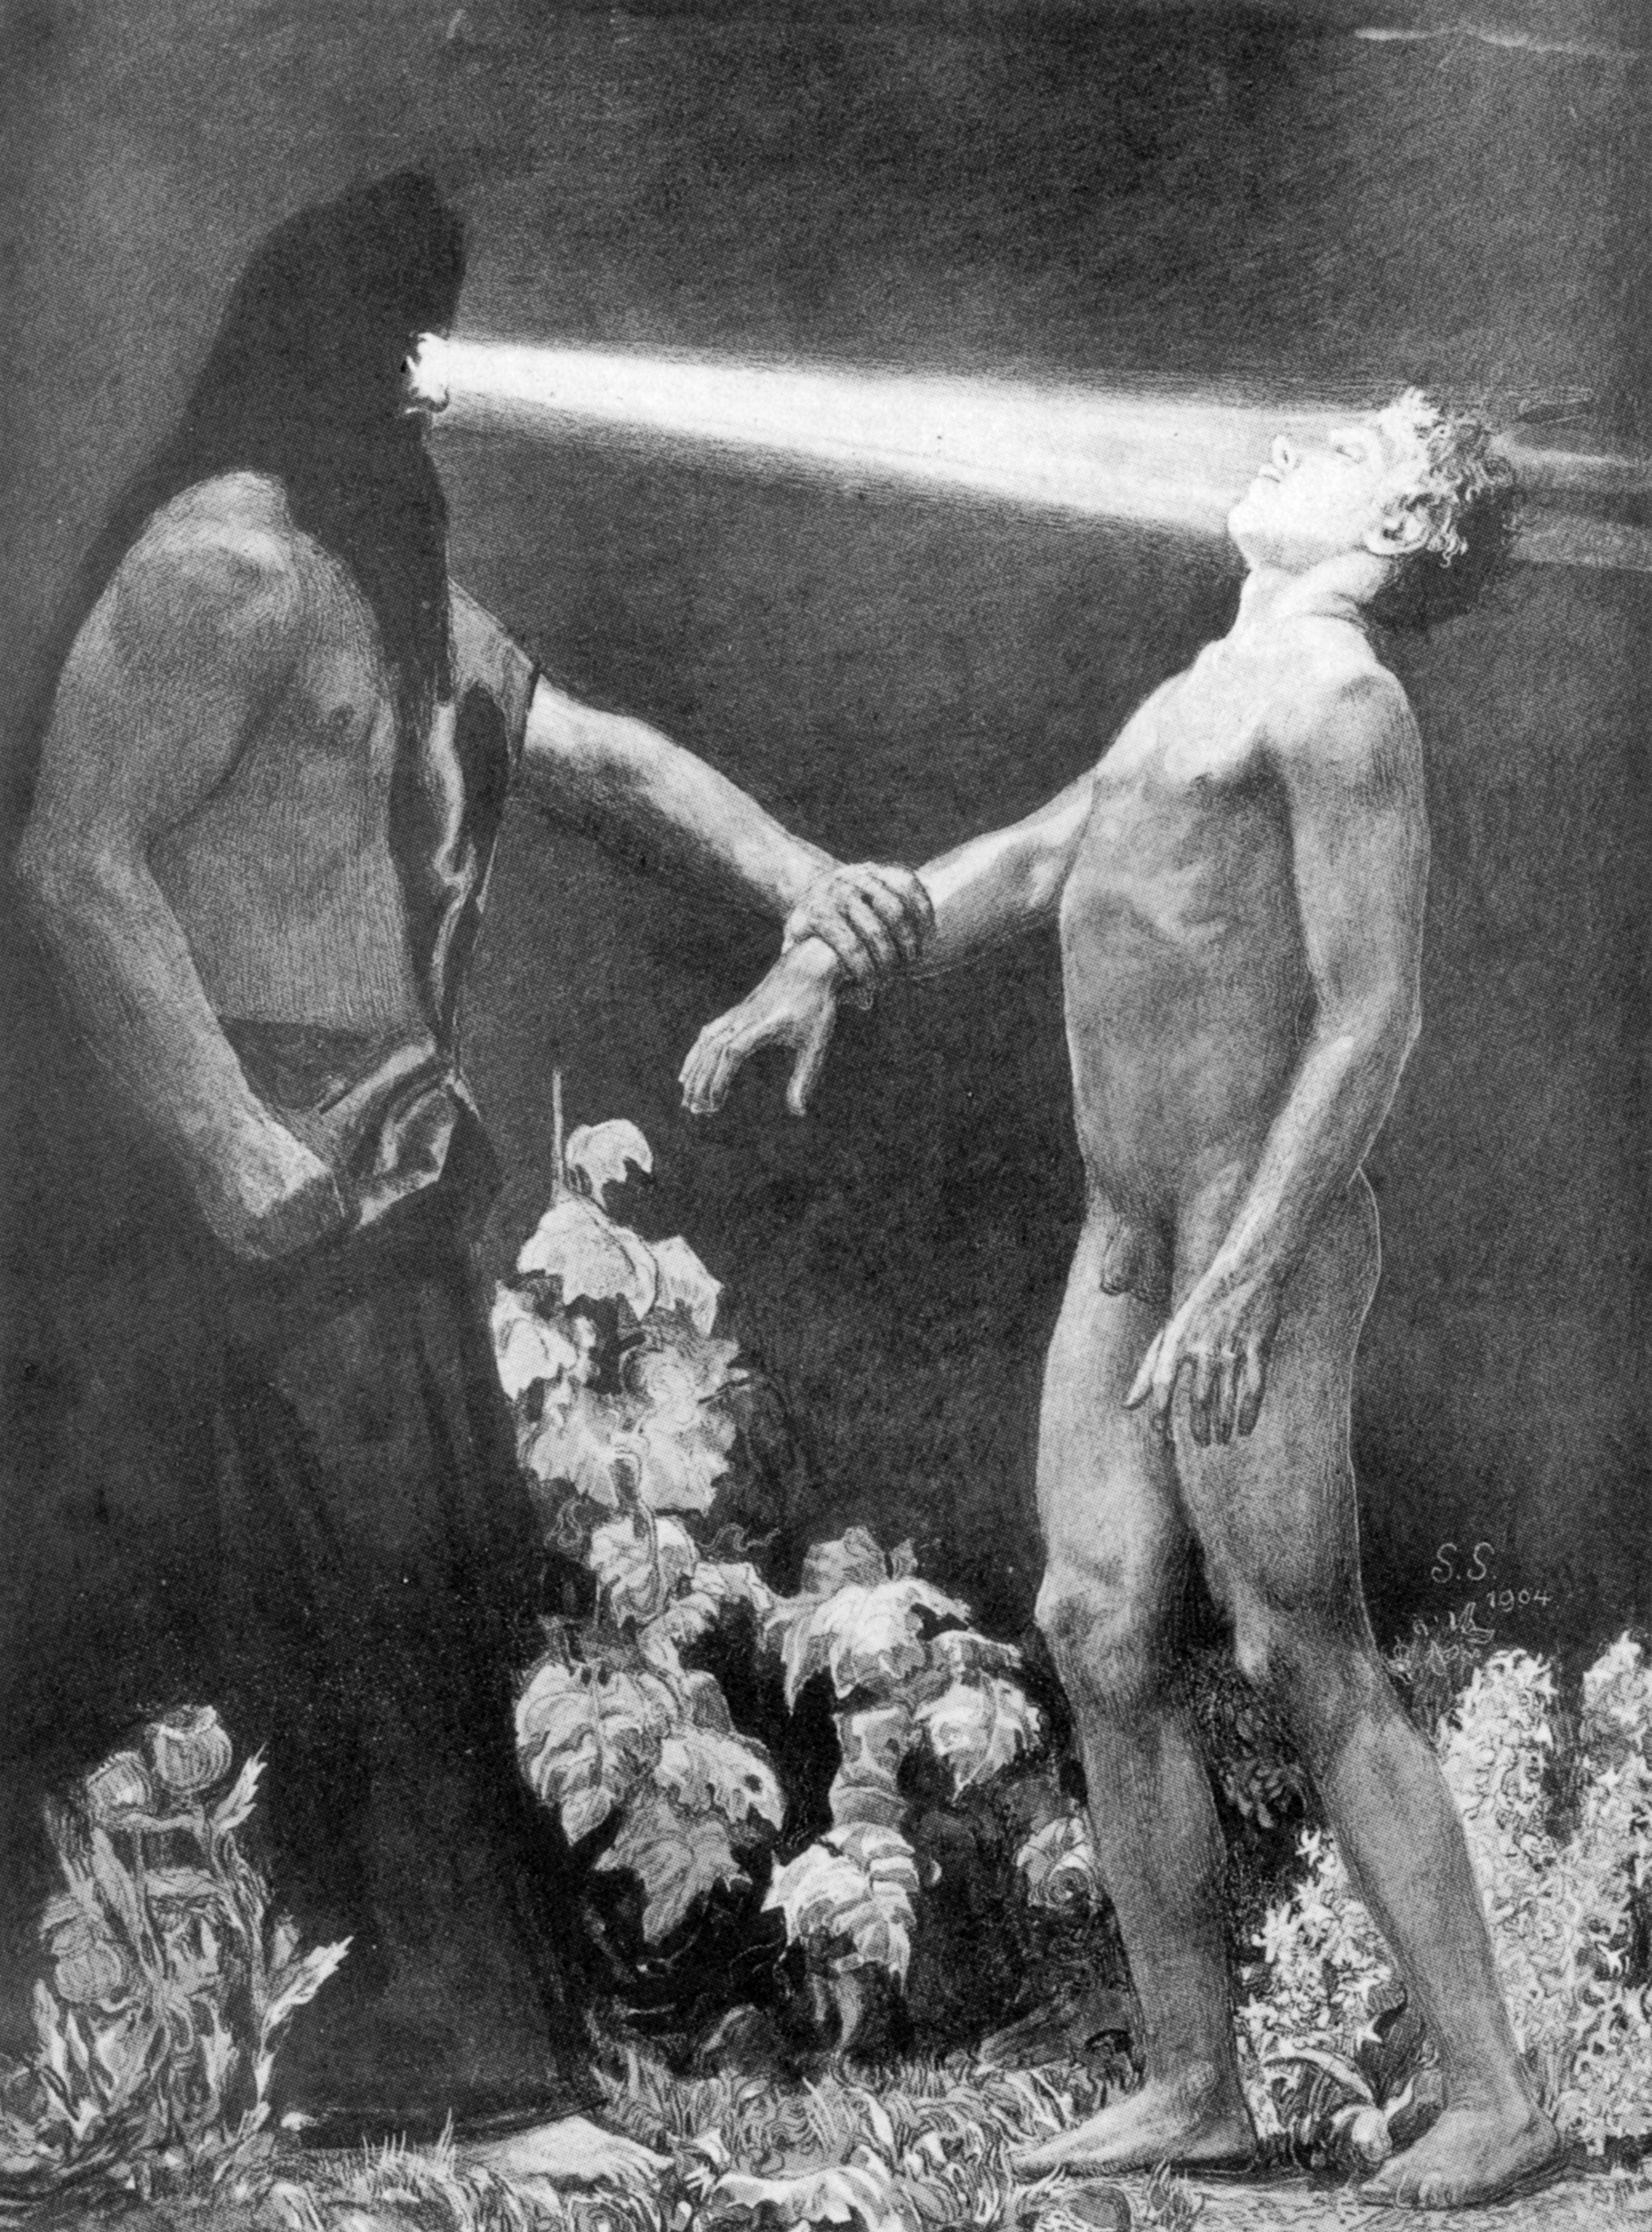 Результат пошуку зображень за запитом Sascha Schneider painting Hypnosis